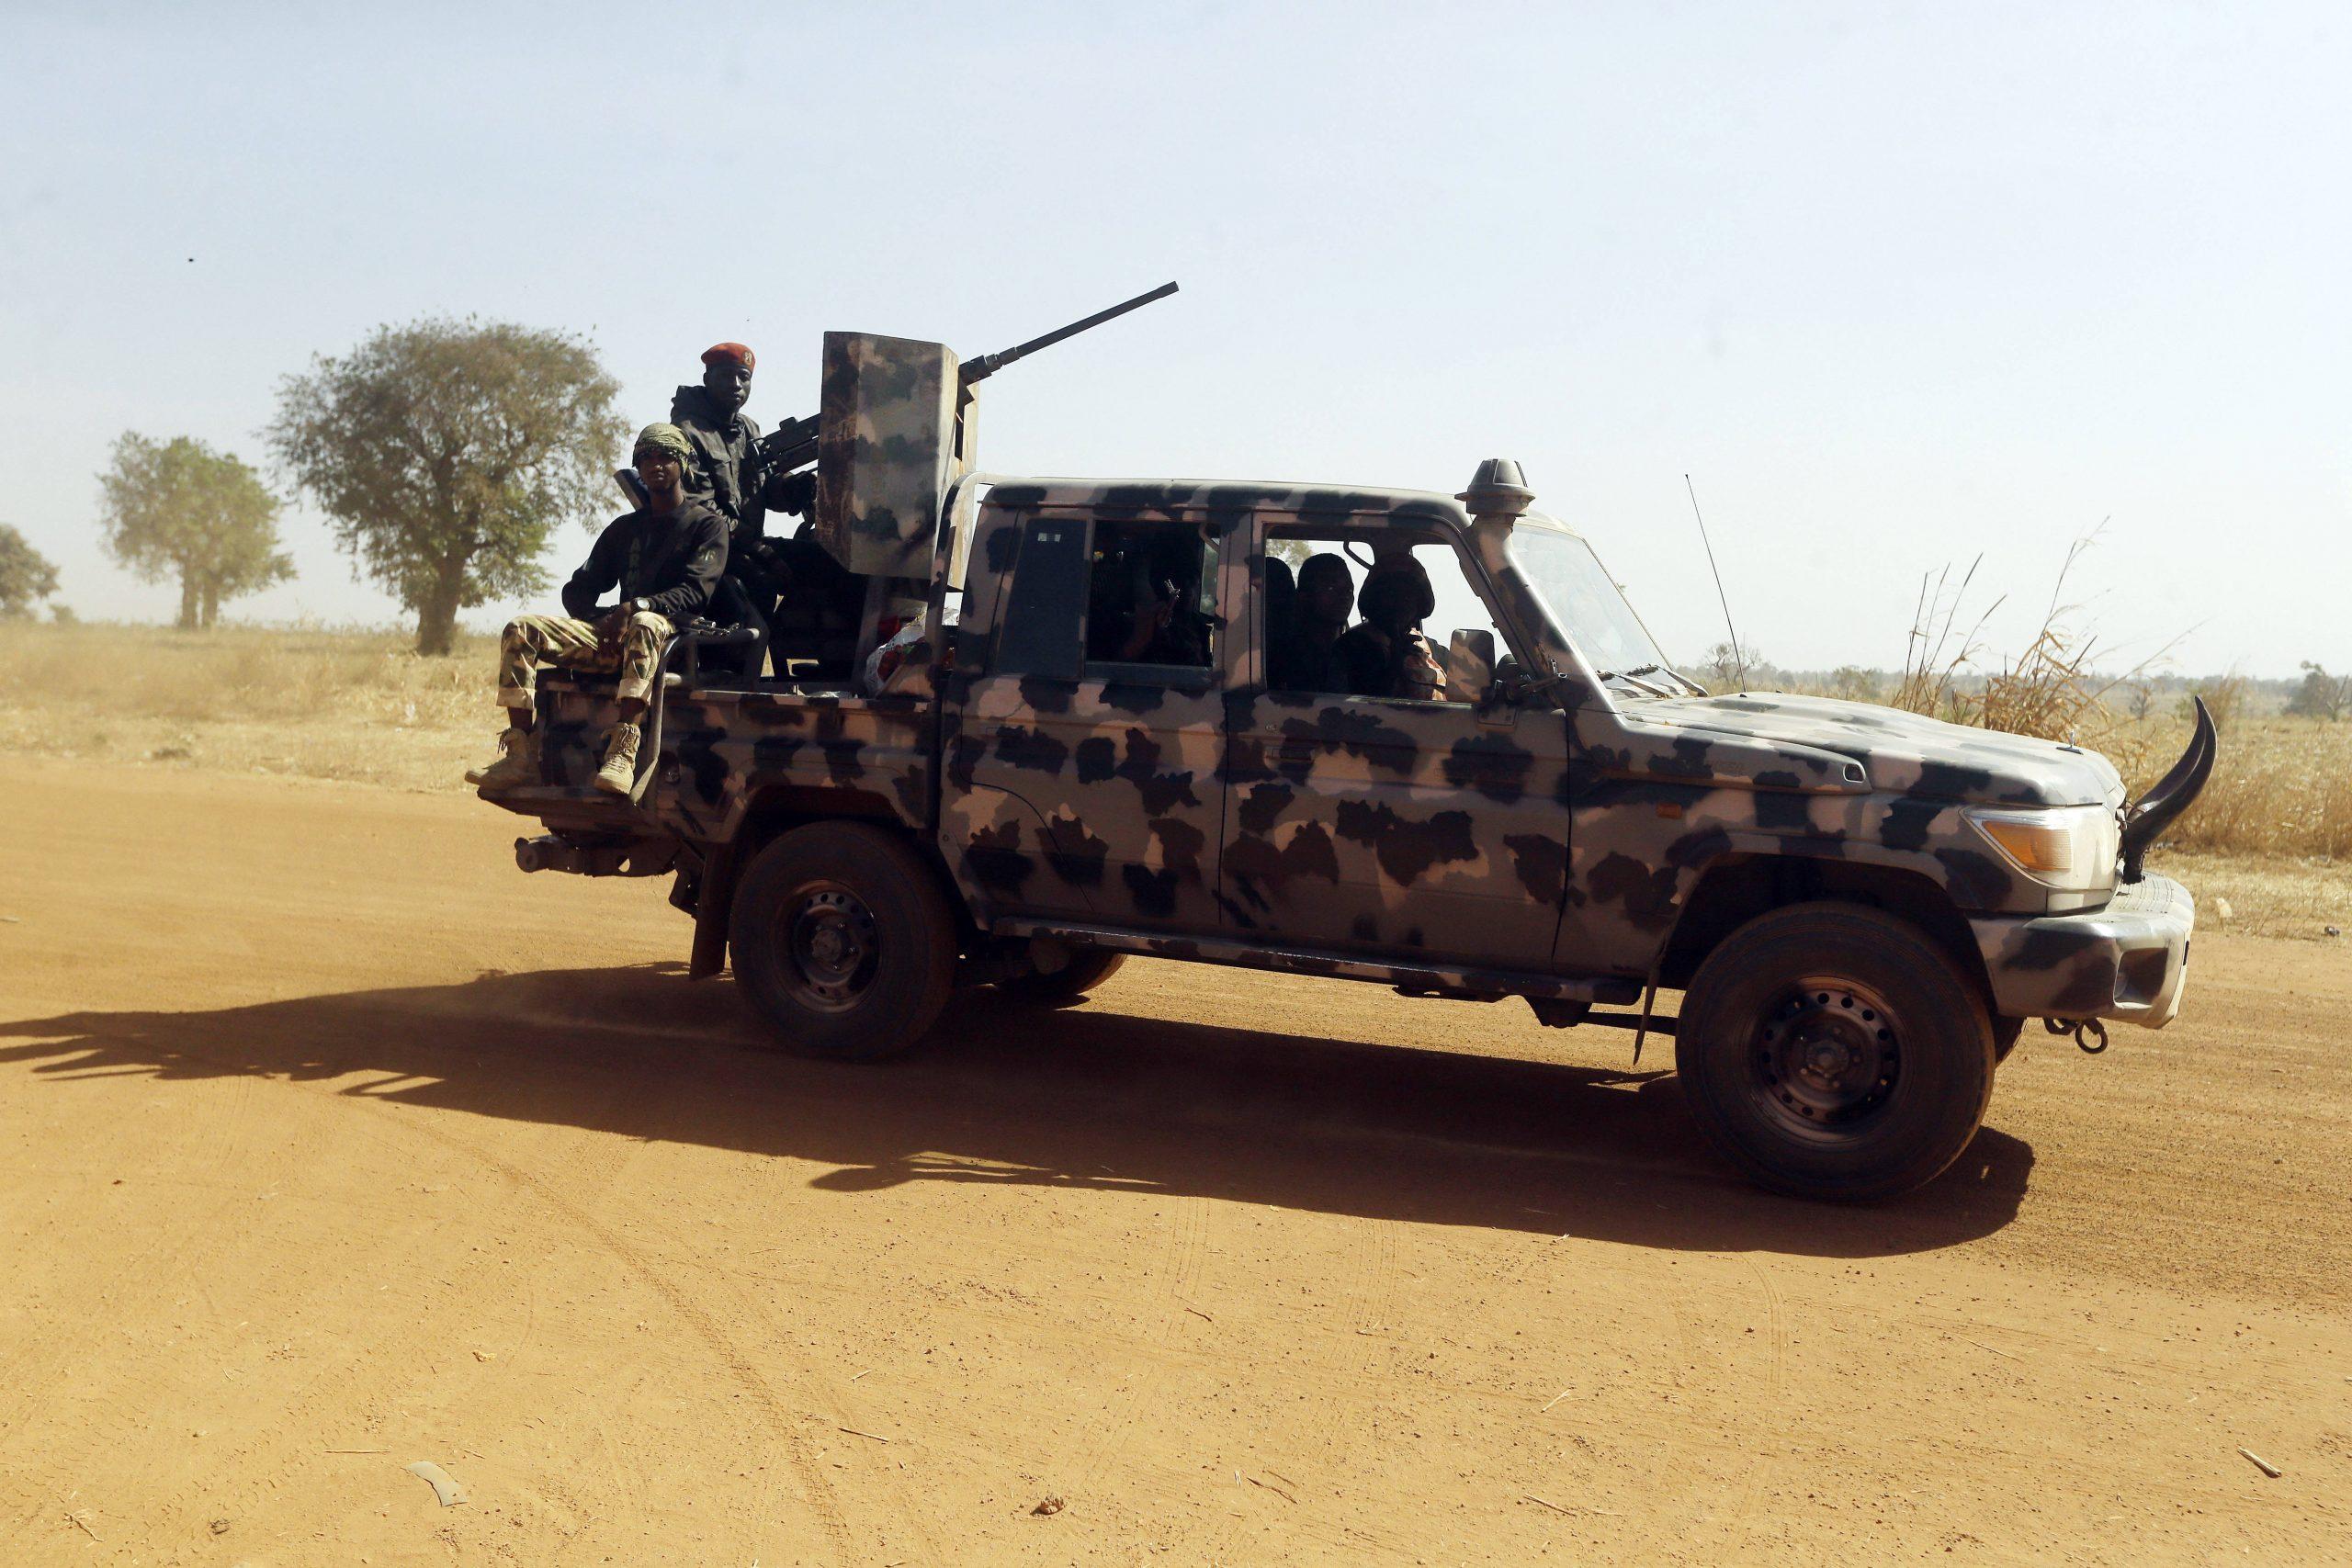 Des soldats nigérians à Kankara, le 16 décembre 2020, après l'enlèvement de plus de 300 lycéens revendiqué par la branche de Boko Haram fidèle à Shekau.